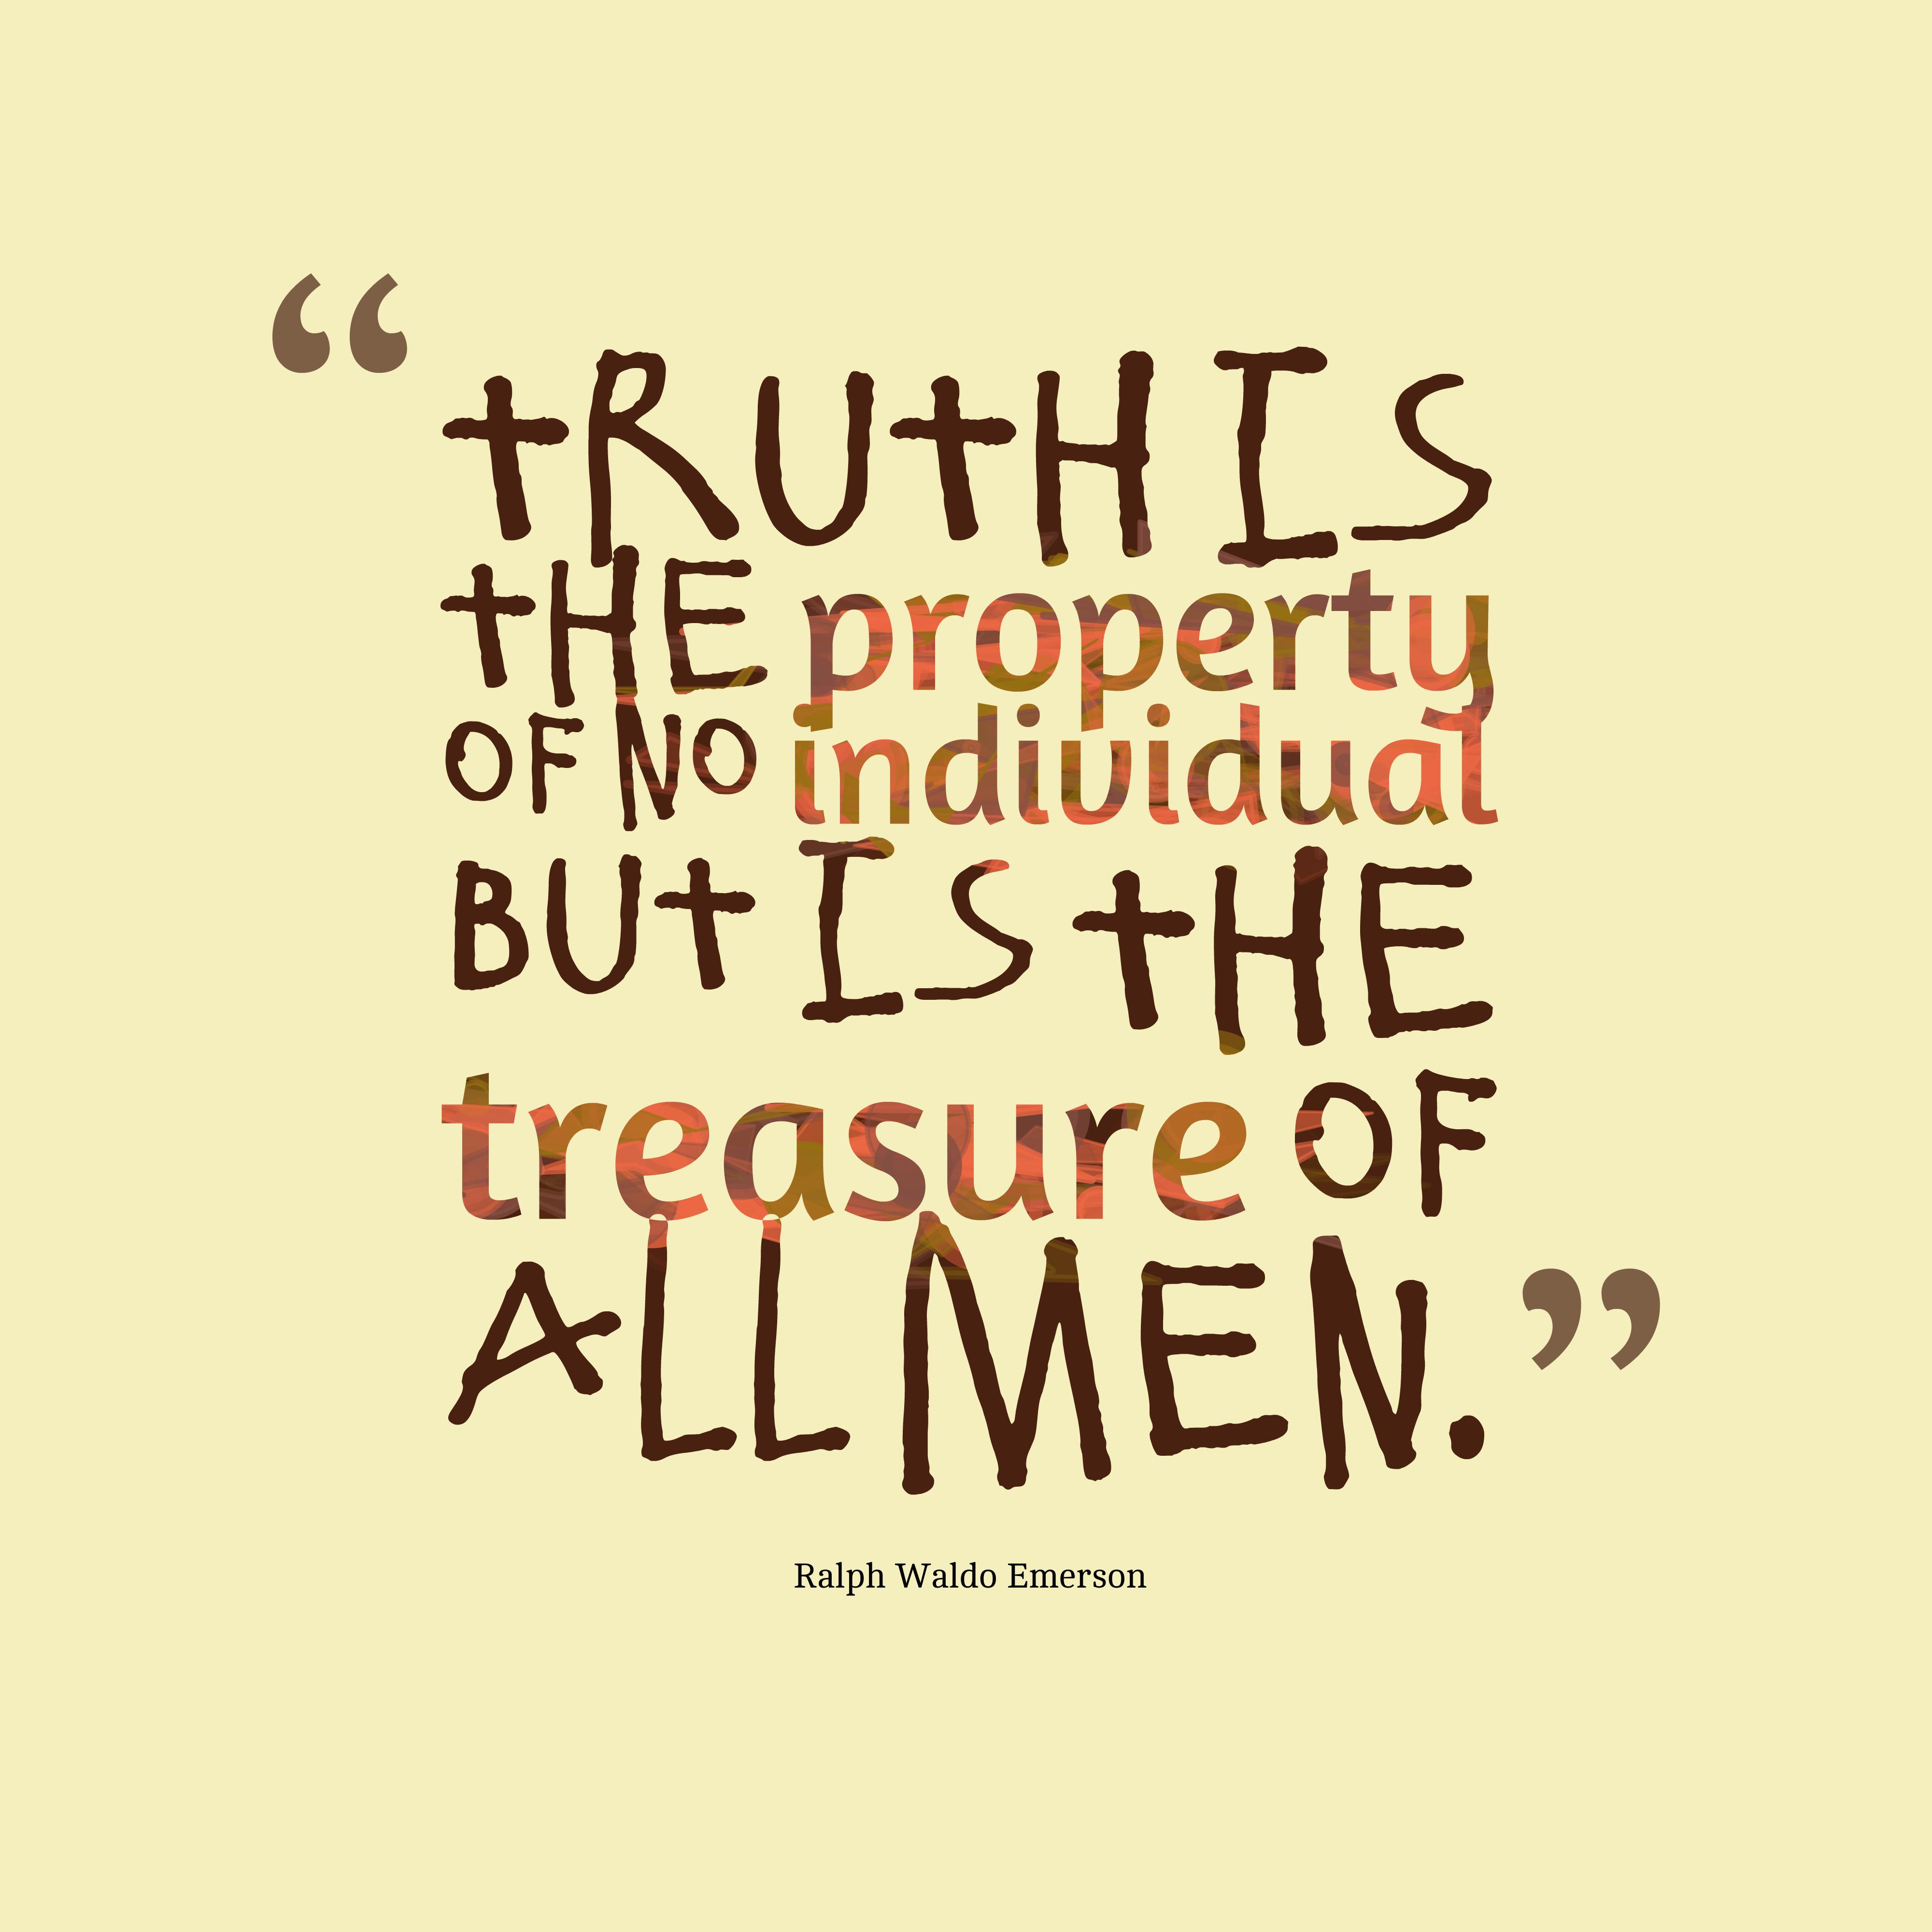 Essay on truthfulness